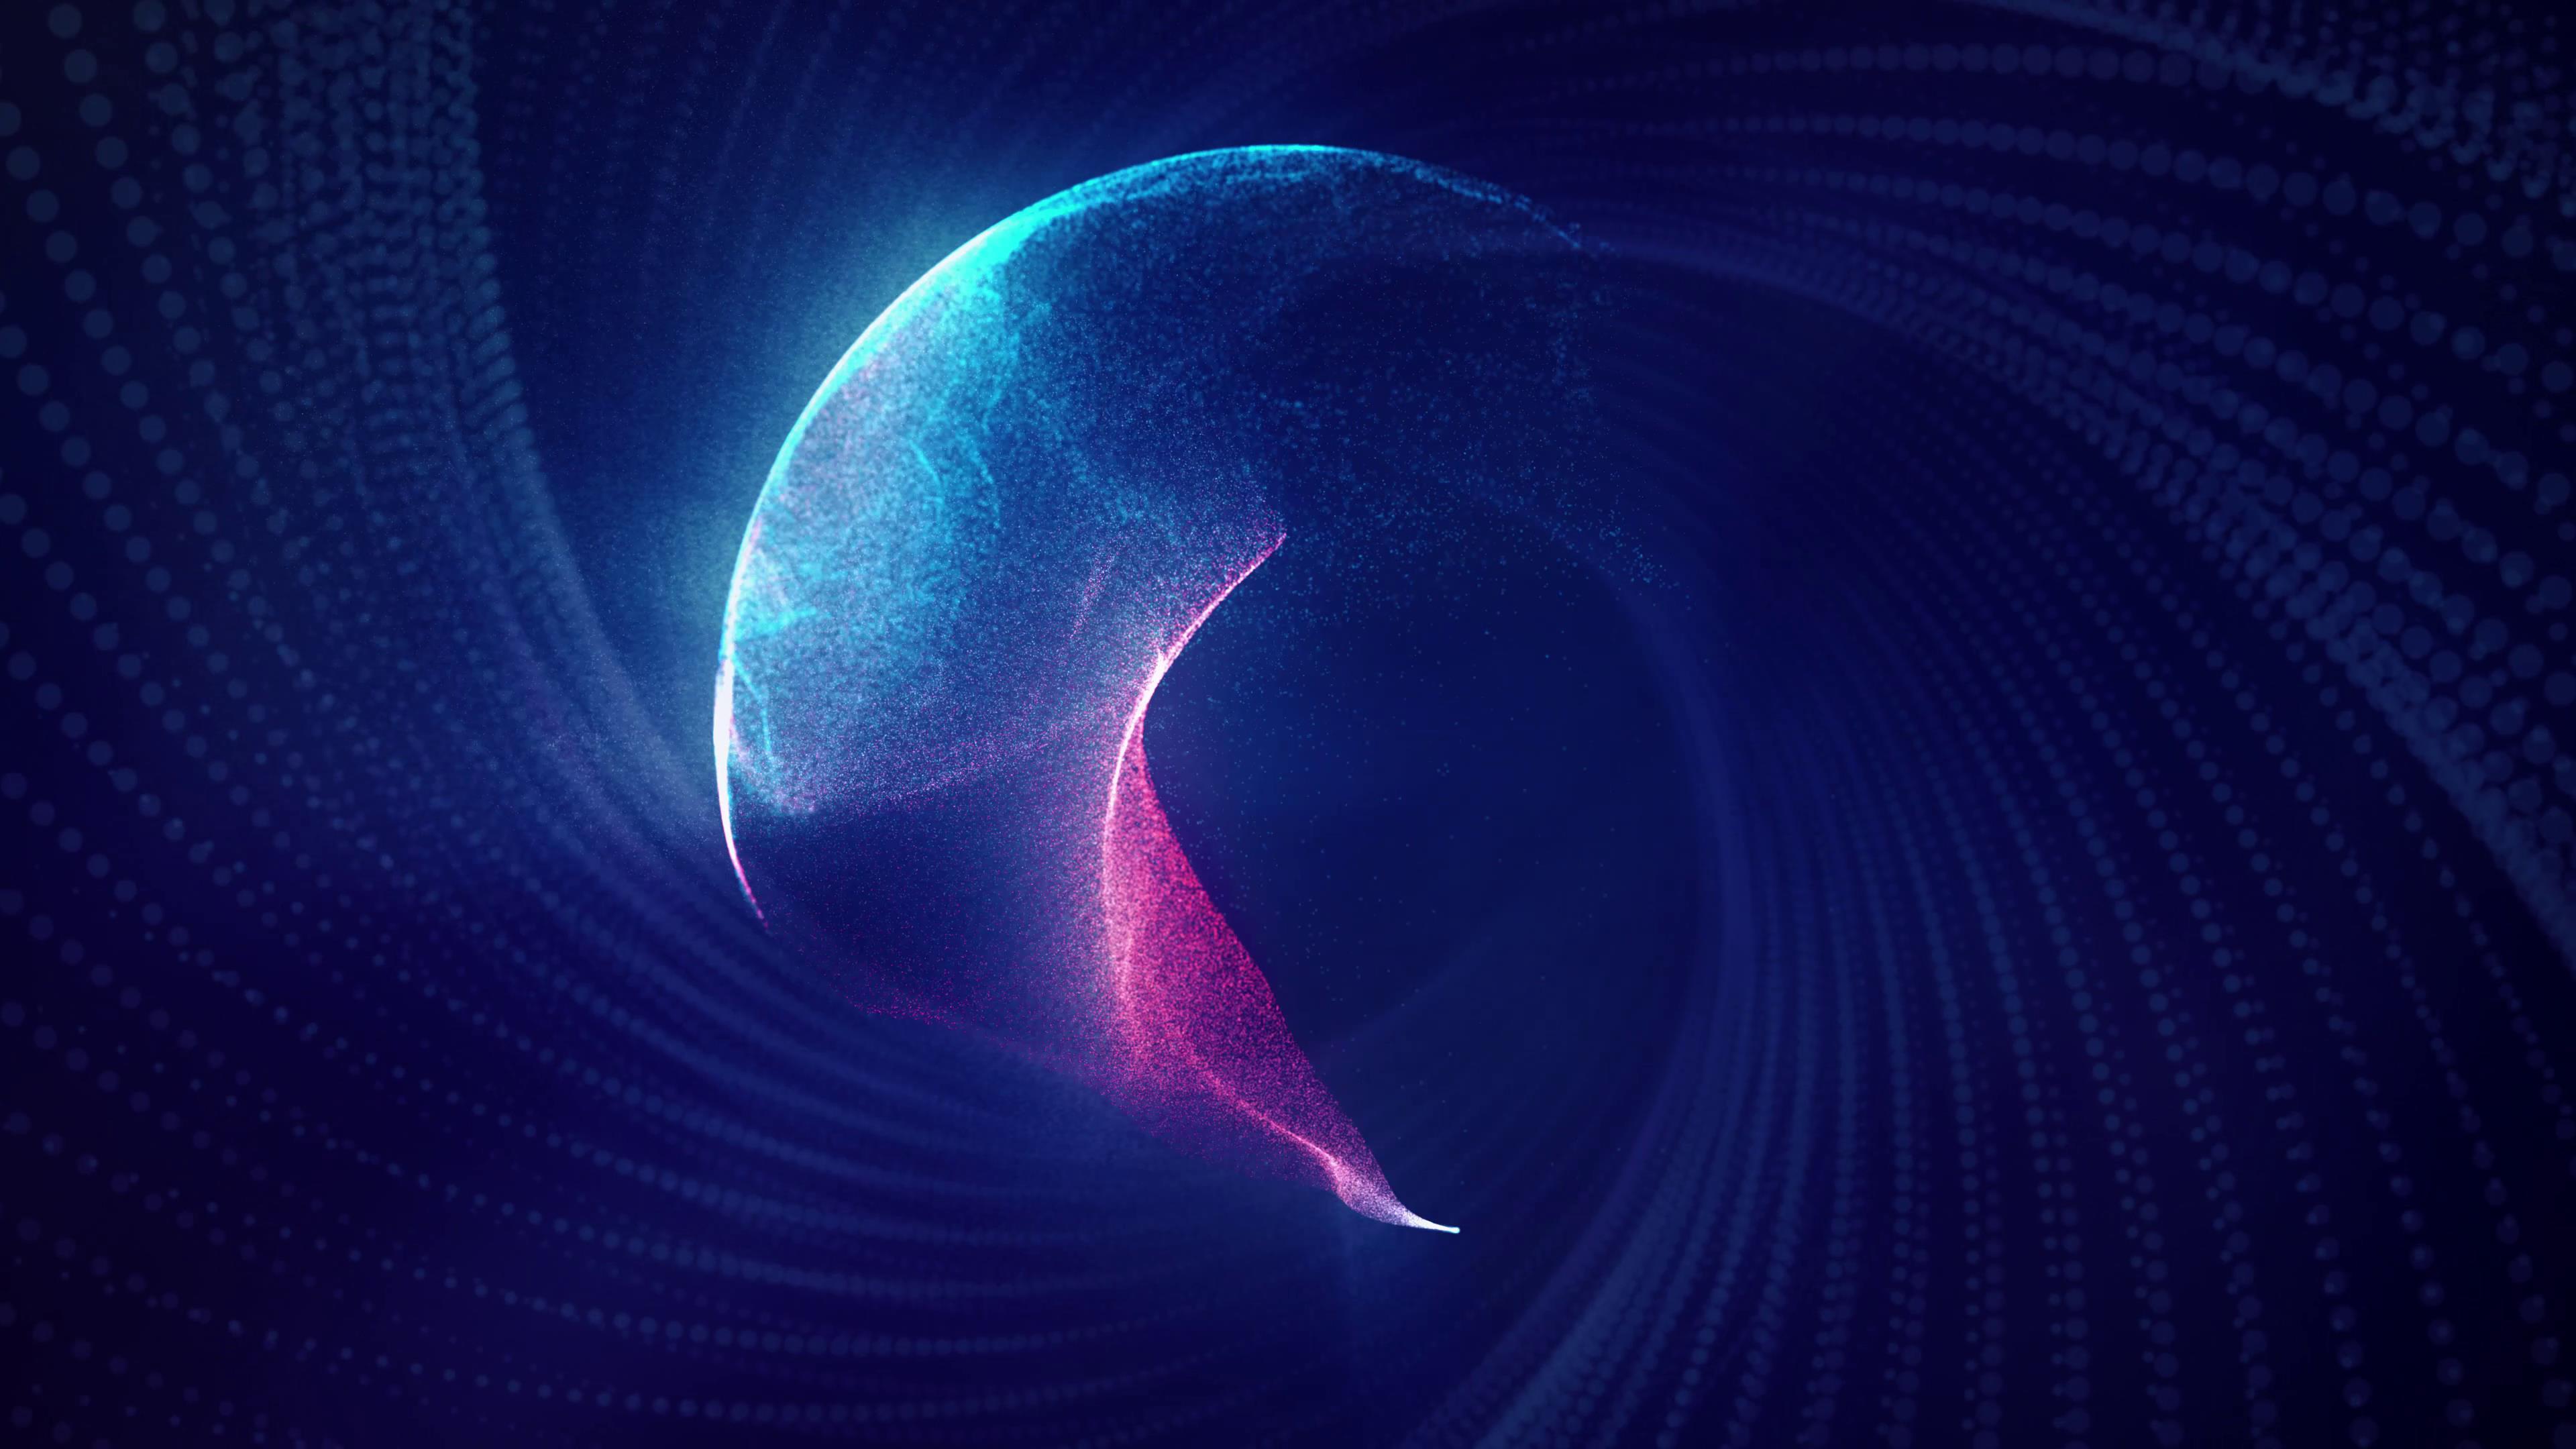 唯美炫丽抽象魔法粒子轨道变换视频素材